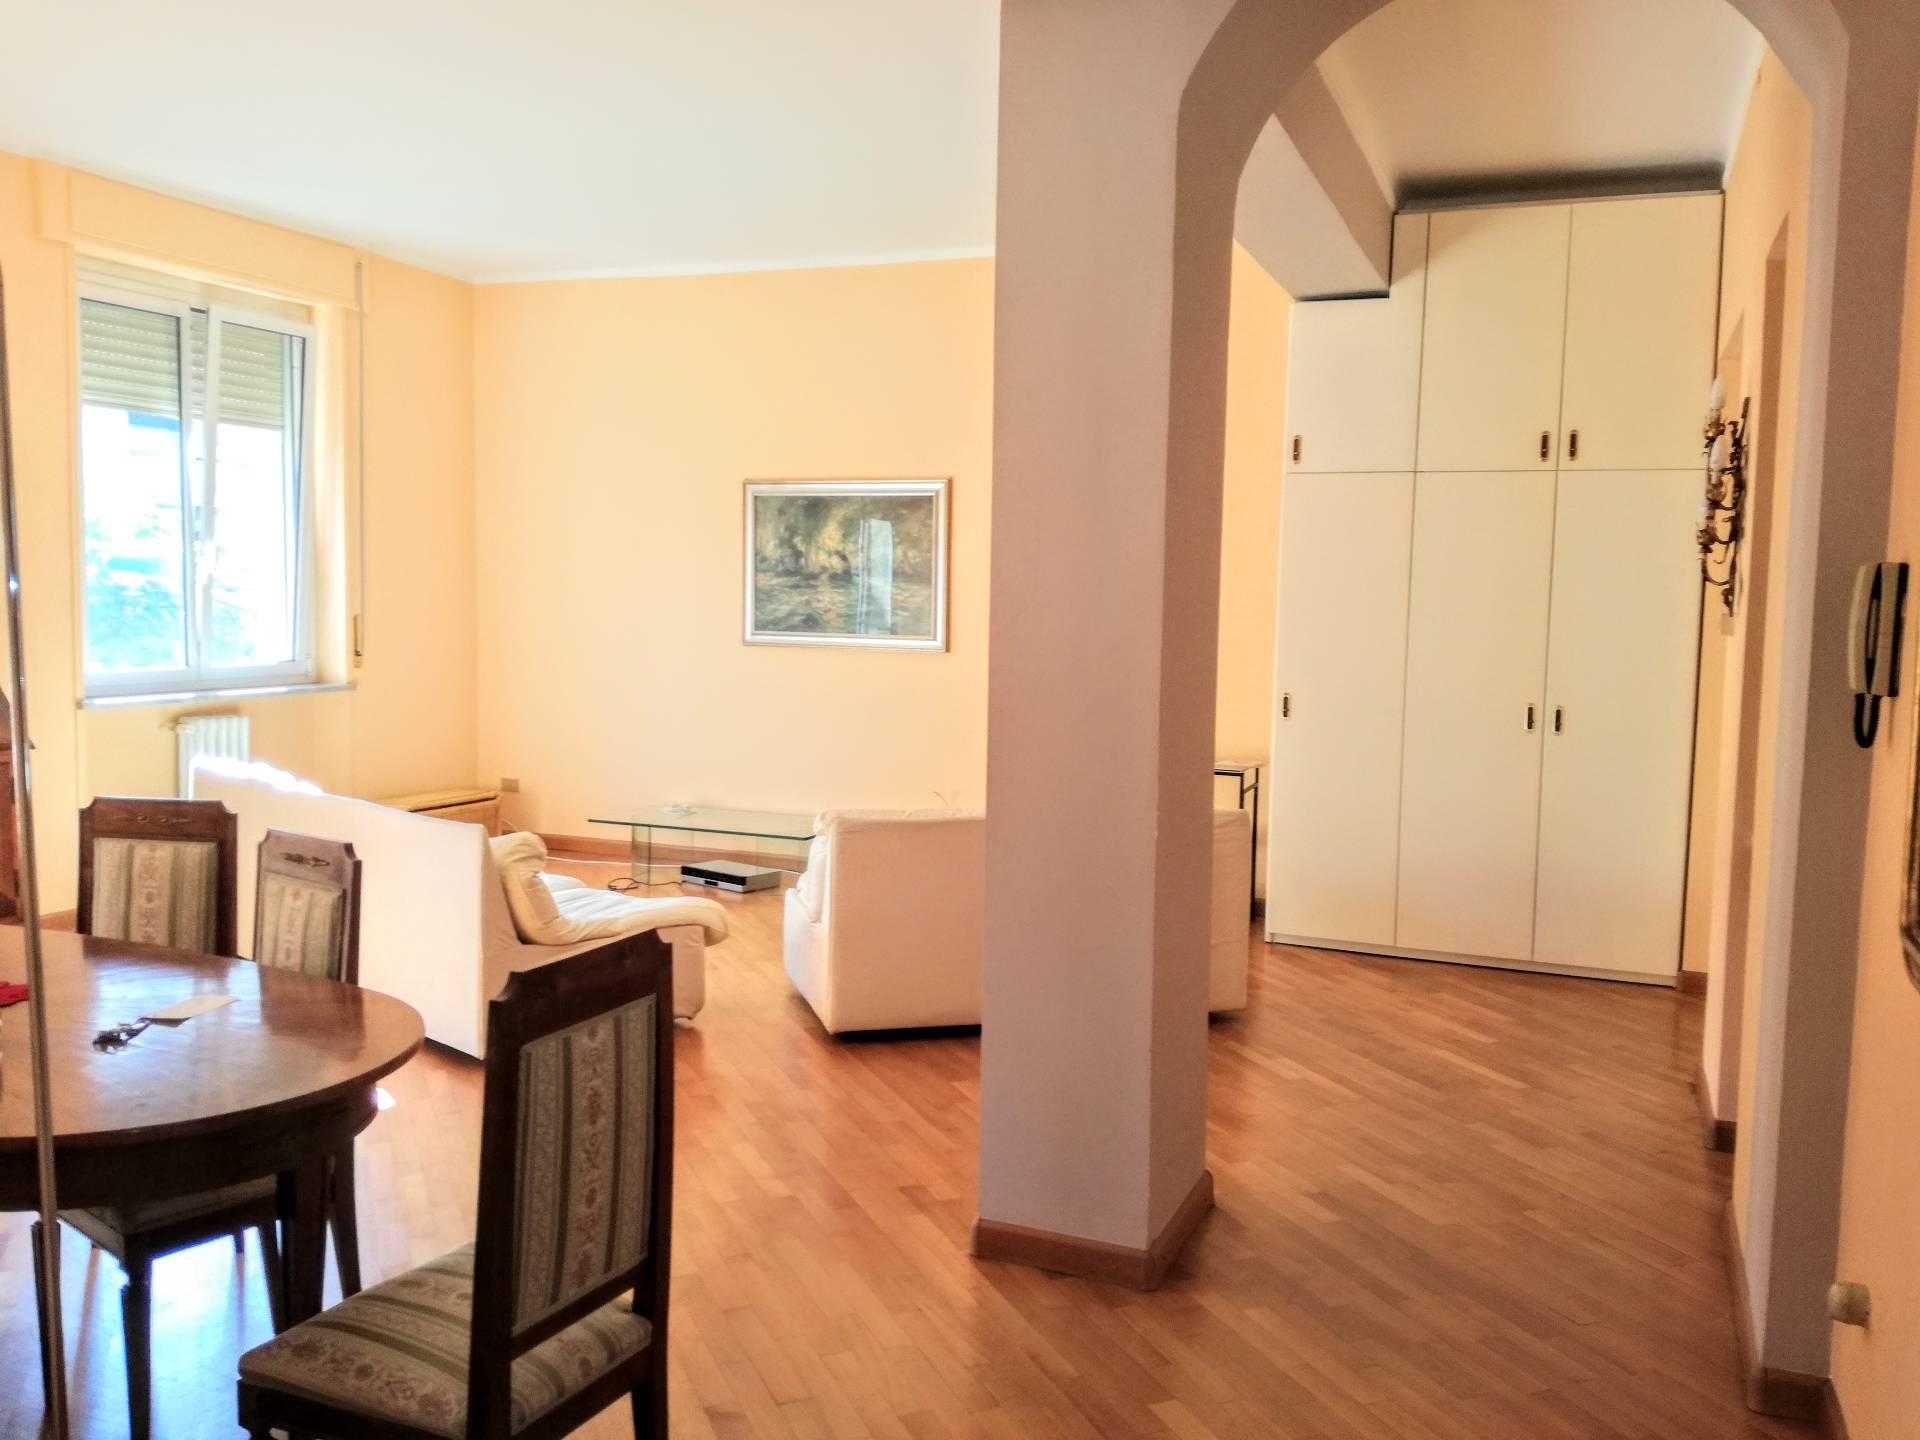 Appartamento in affitto a Casale Monferrato, 4 locali, prezzo € 420 | CambioCasa.it